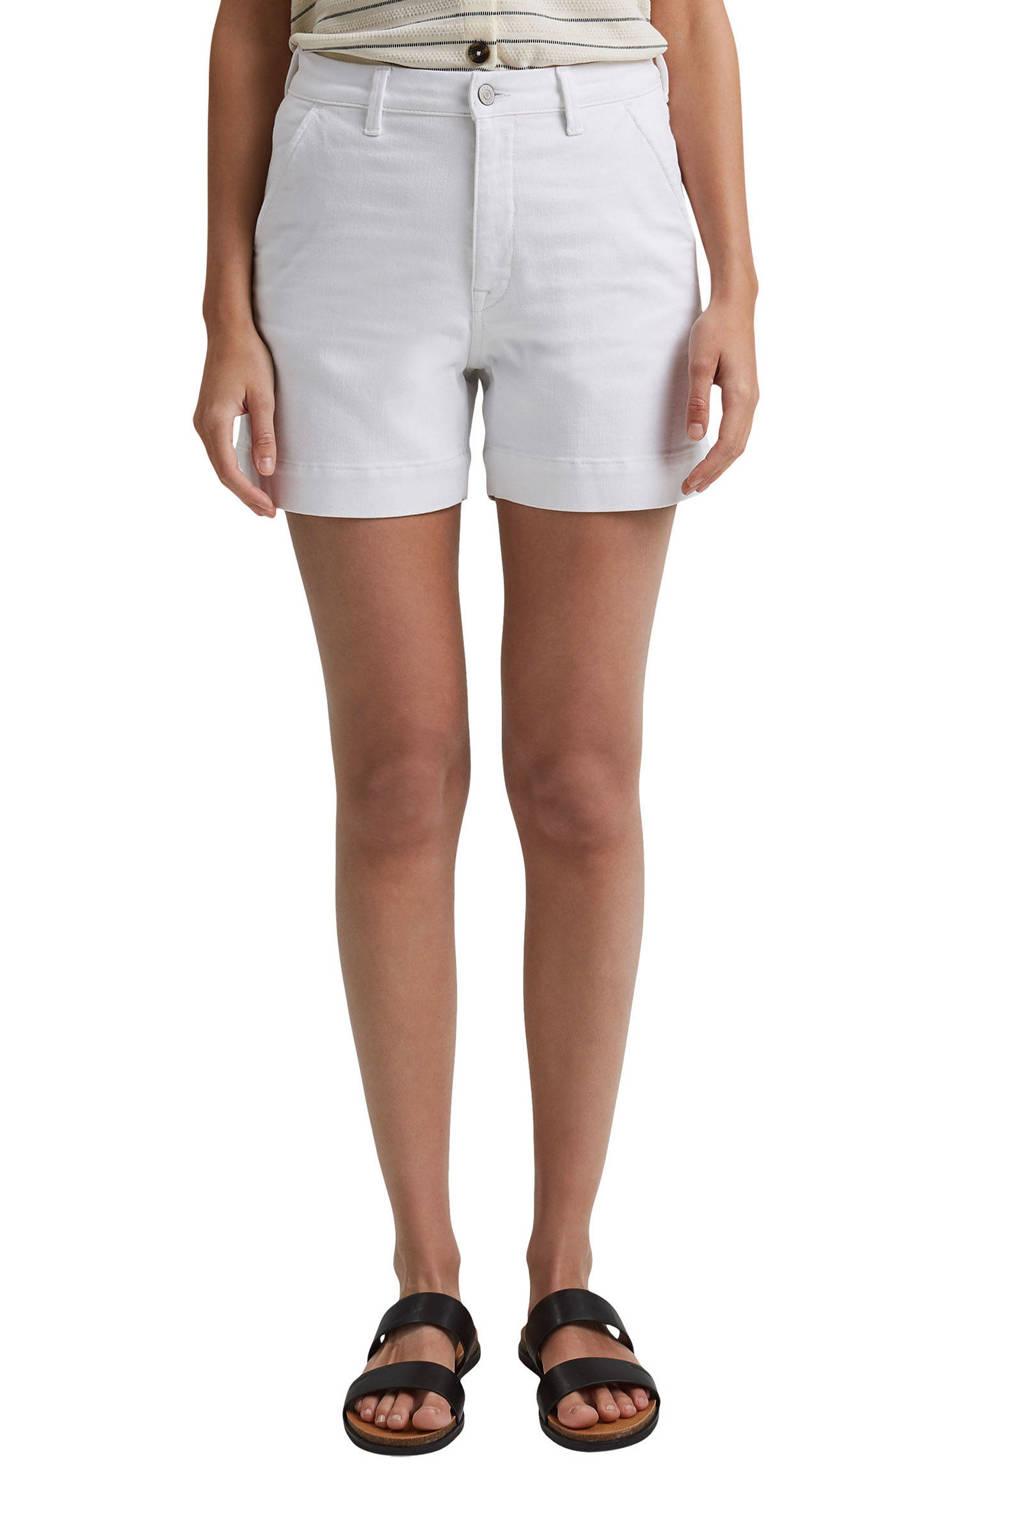 ESPRIT Women Casual jeans short met biologisch katoen wit, Wit